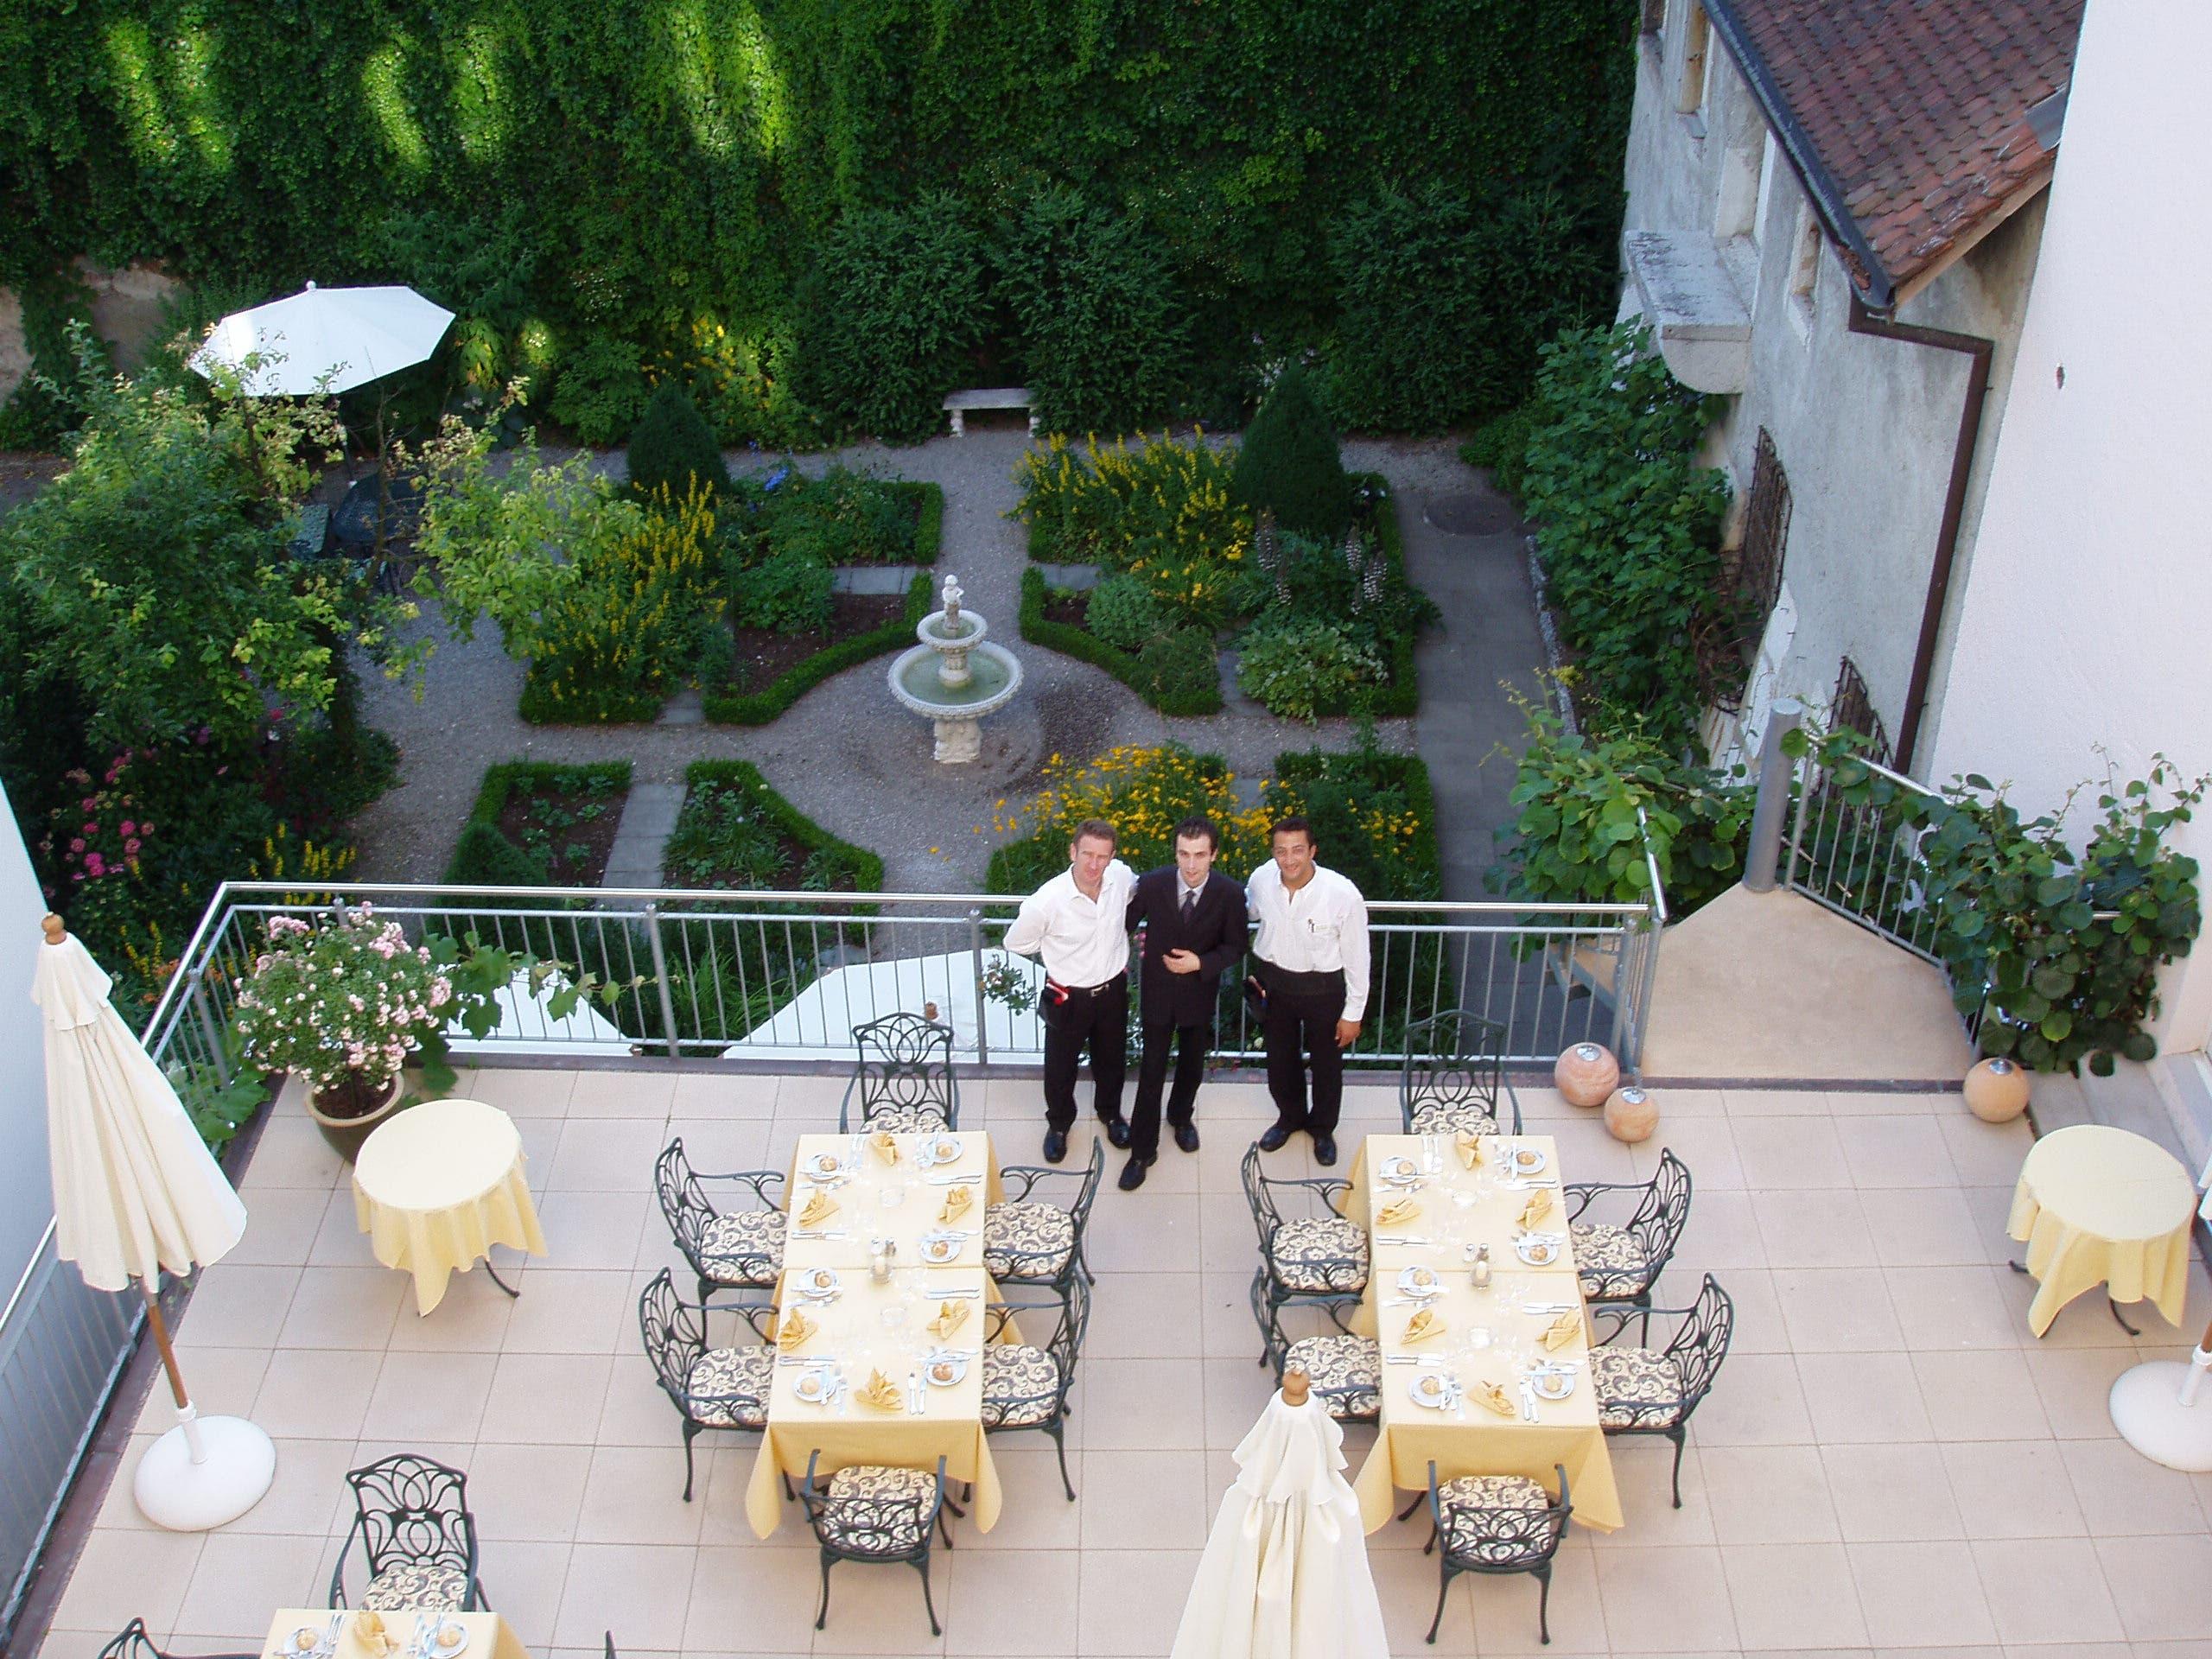 Die Terrasse soll bleiben, der Hof ein Parkplatz werden